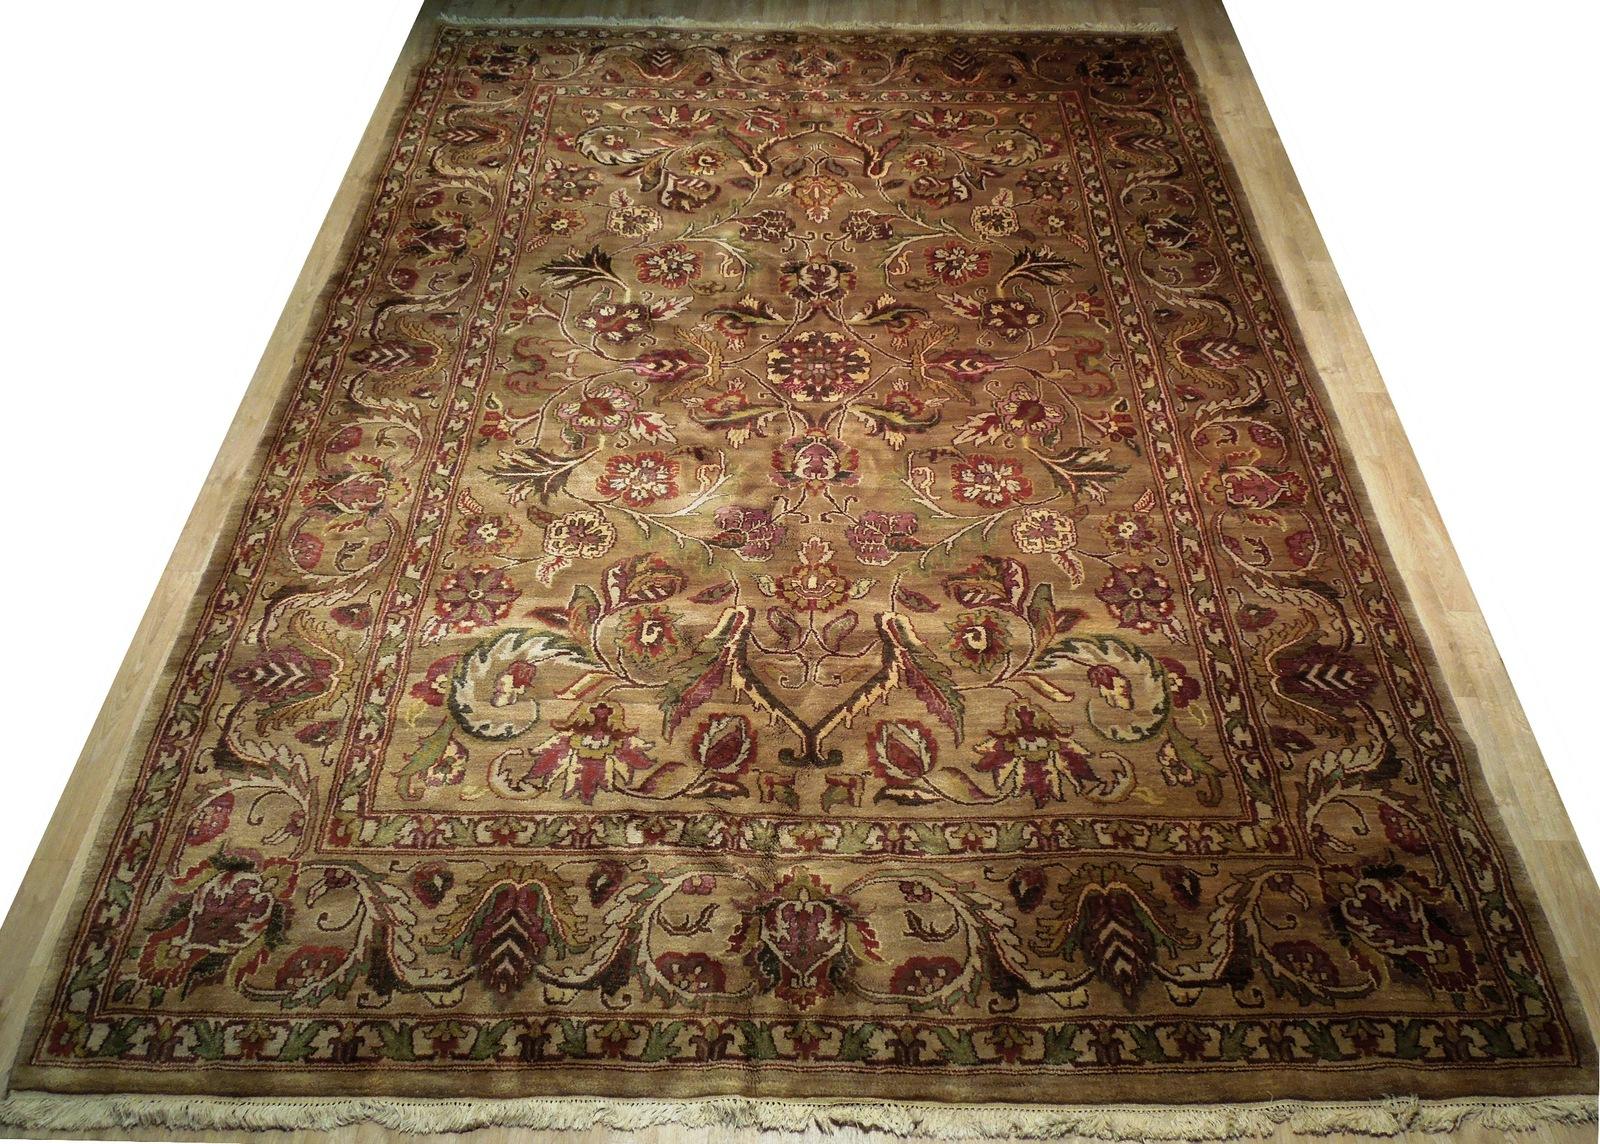 Densely Knotted Genuine Handmade 9 x 13 Brown Jaipur Wool Rug